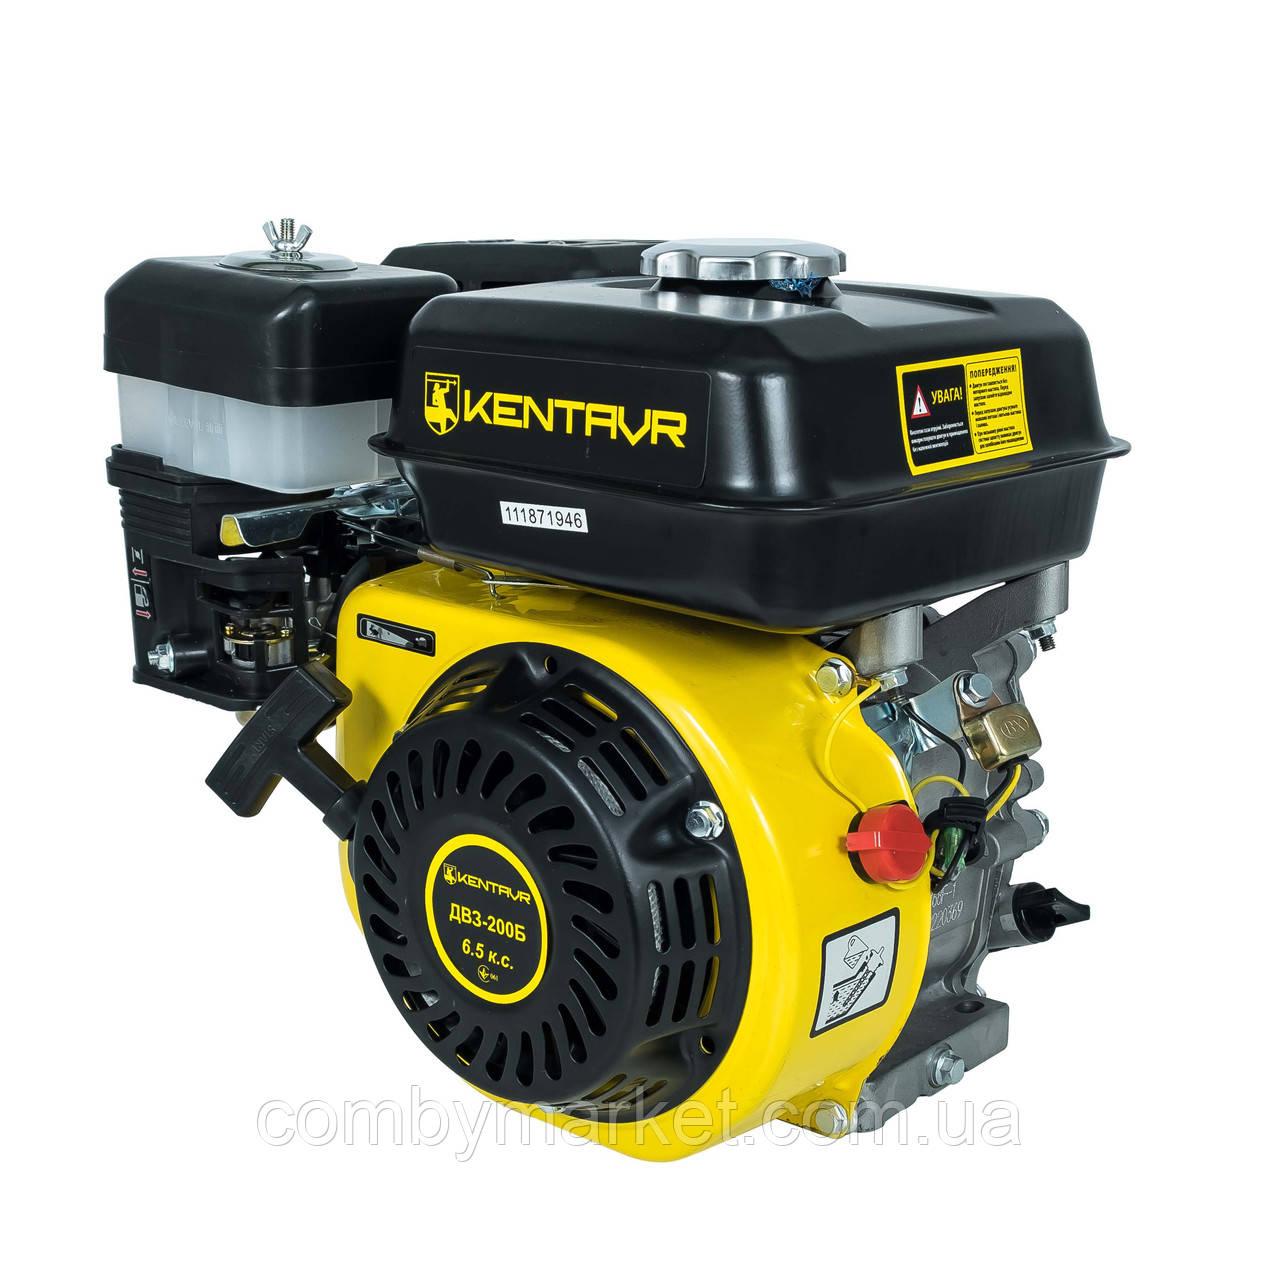 Двигатель бензиновый Кентавр ДВЗ-200Б, 6,5 л.с.